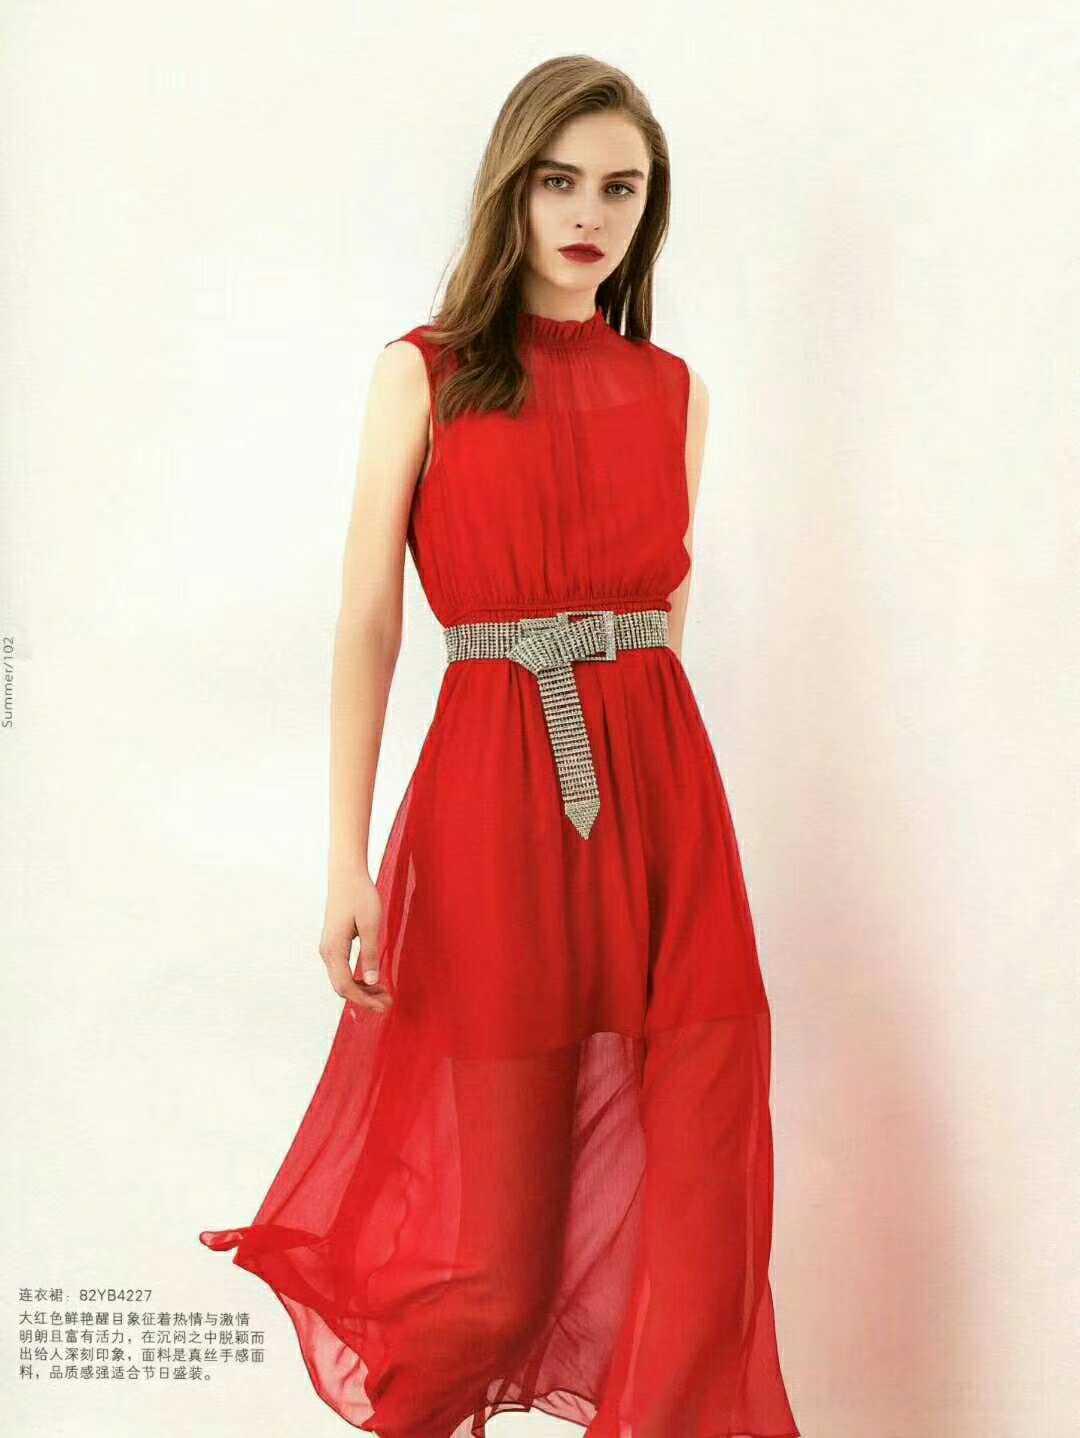 想做一位轻奢华丽感的女神 请到衣佰芬女装品牌寻找